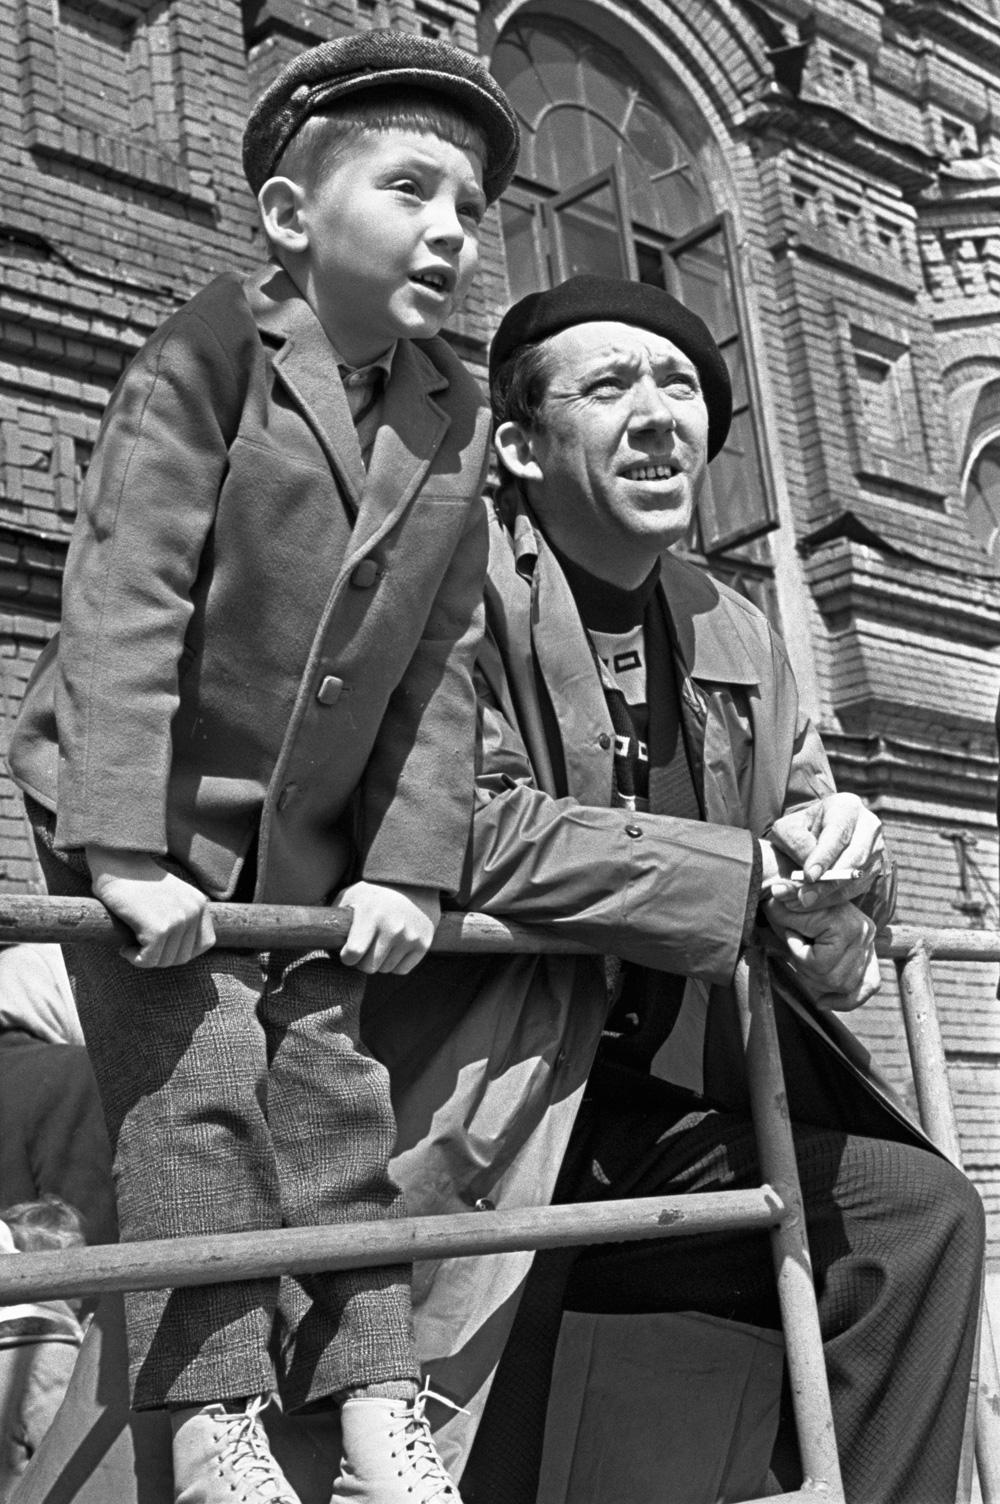 Народный артист СССР Юрий Никулин с сыном Максимом на Красной площади.